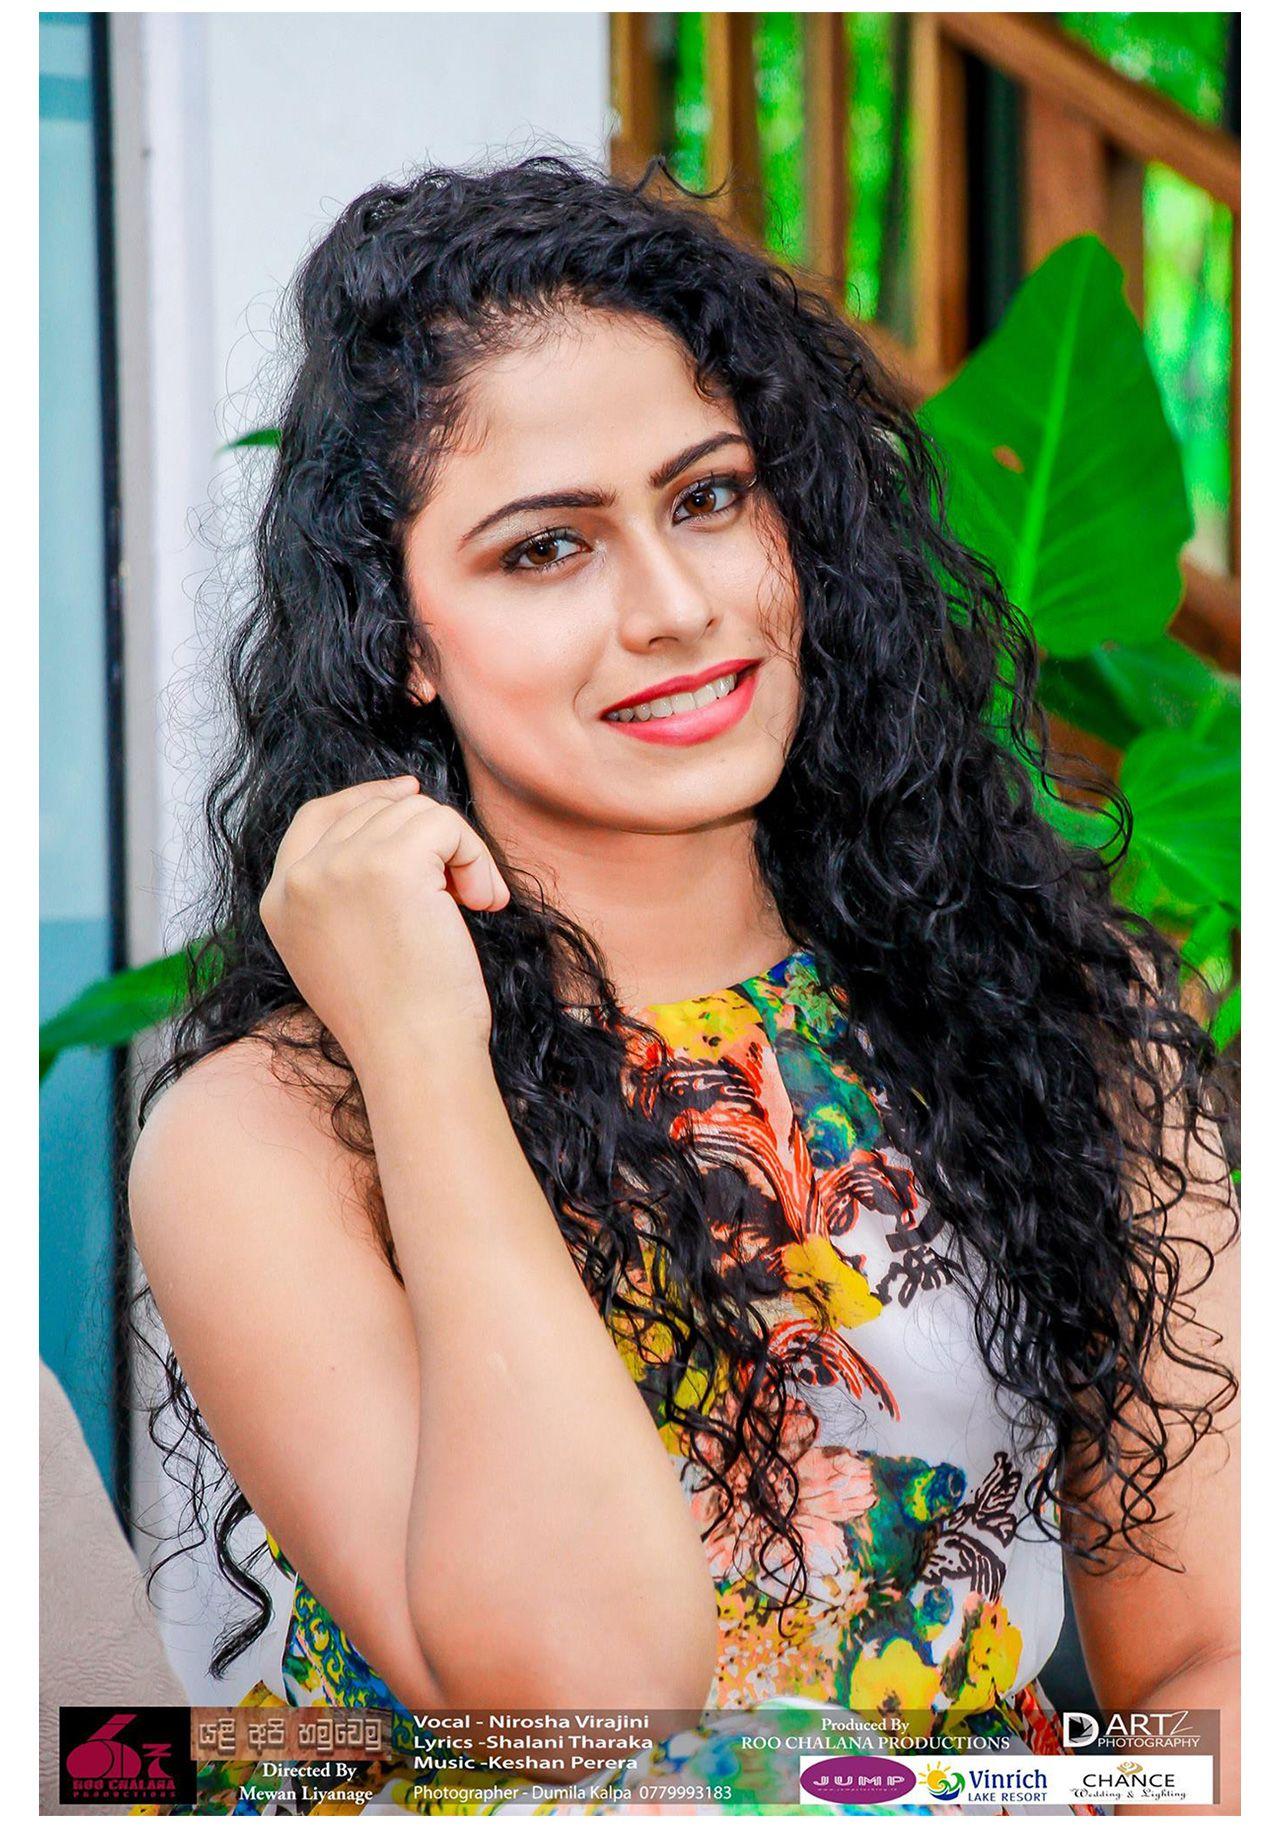 Sandani Fernando Srilankan Modelssri Lankan Models Networkfemale Models Sri Lankalatest Models Sri Lankamale Models